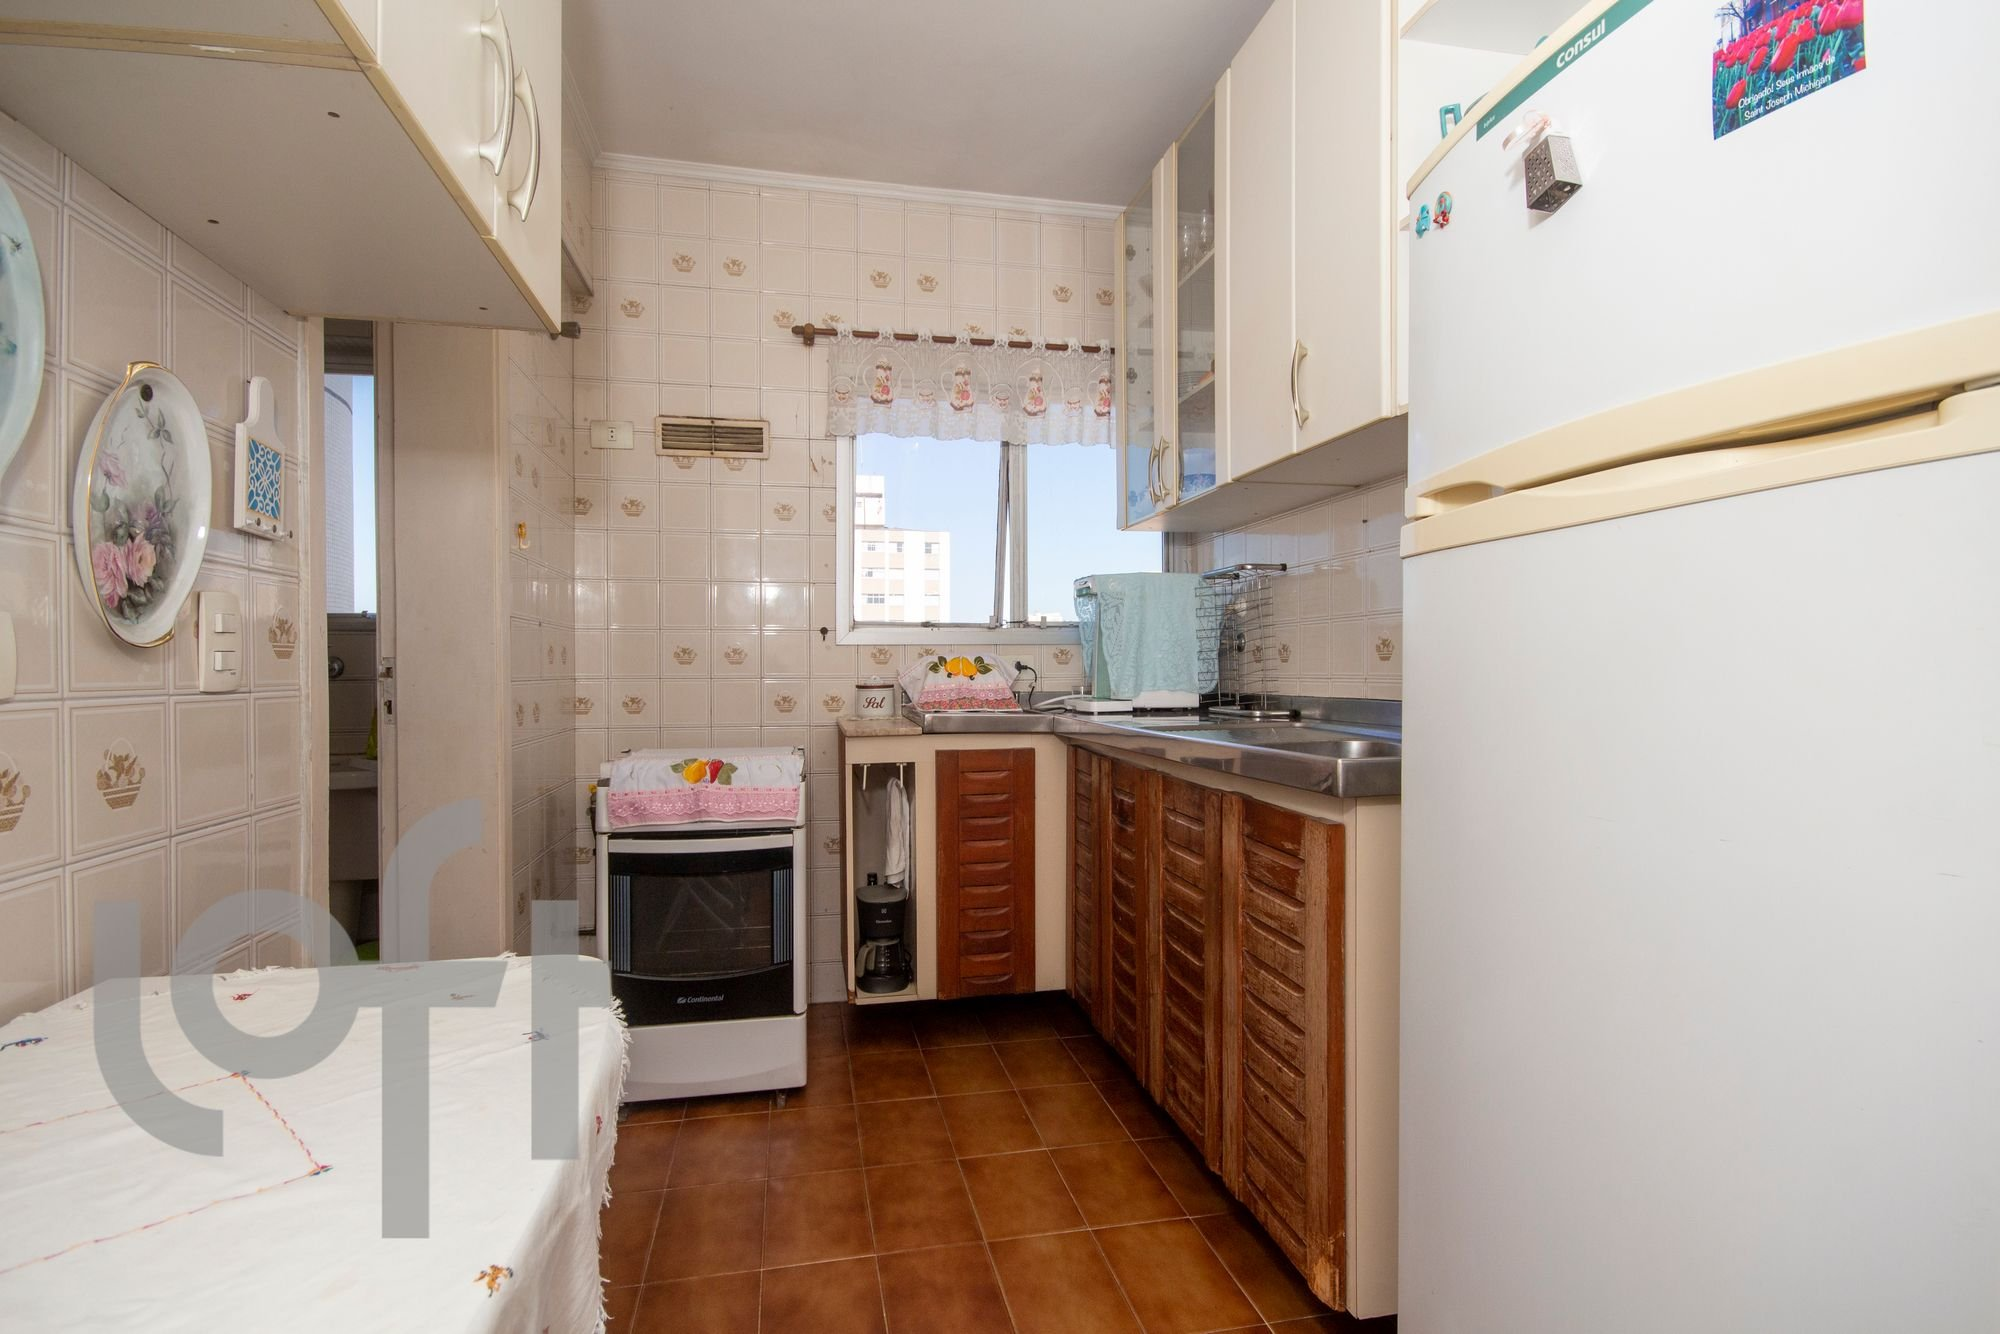 Foto de Cozinha com forno, geladeira